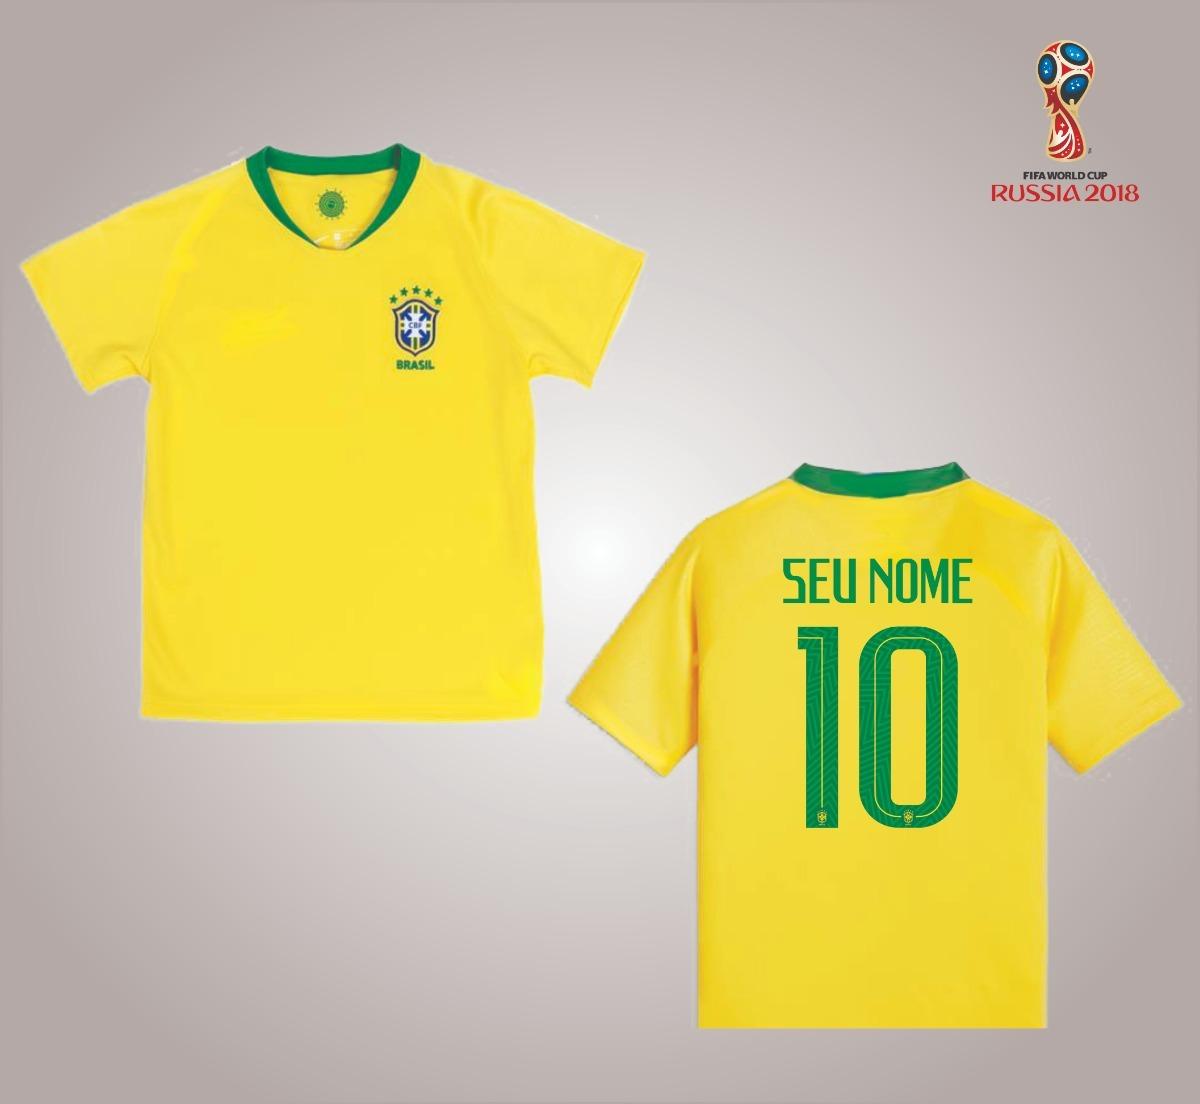 1f5f0271cfbb6 3 Camisas Da Seleção Personalizada Frete Grátis - R  179